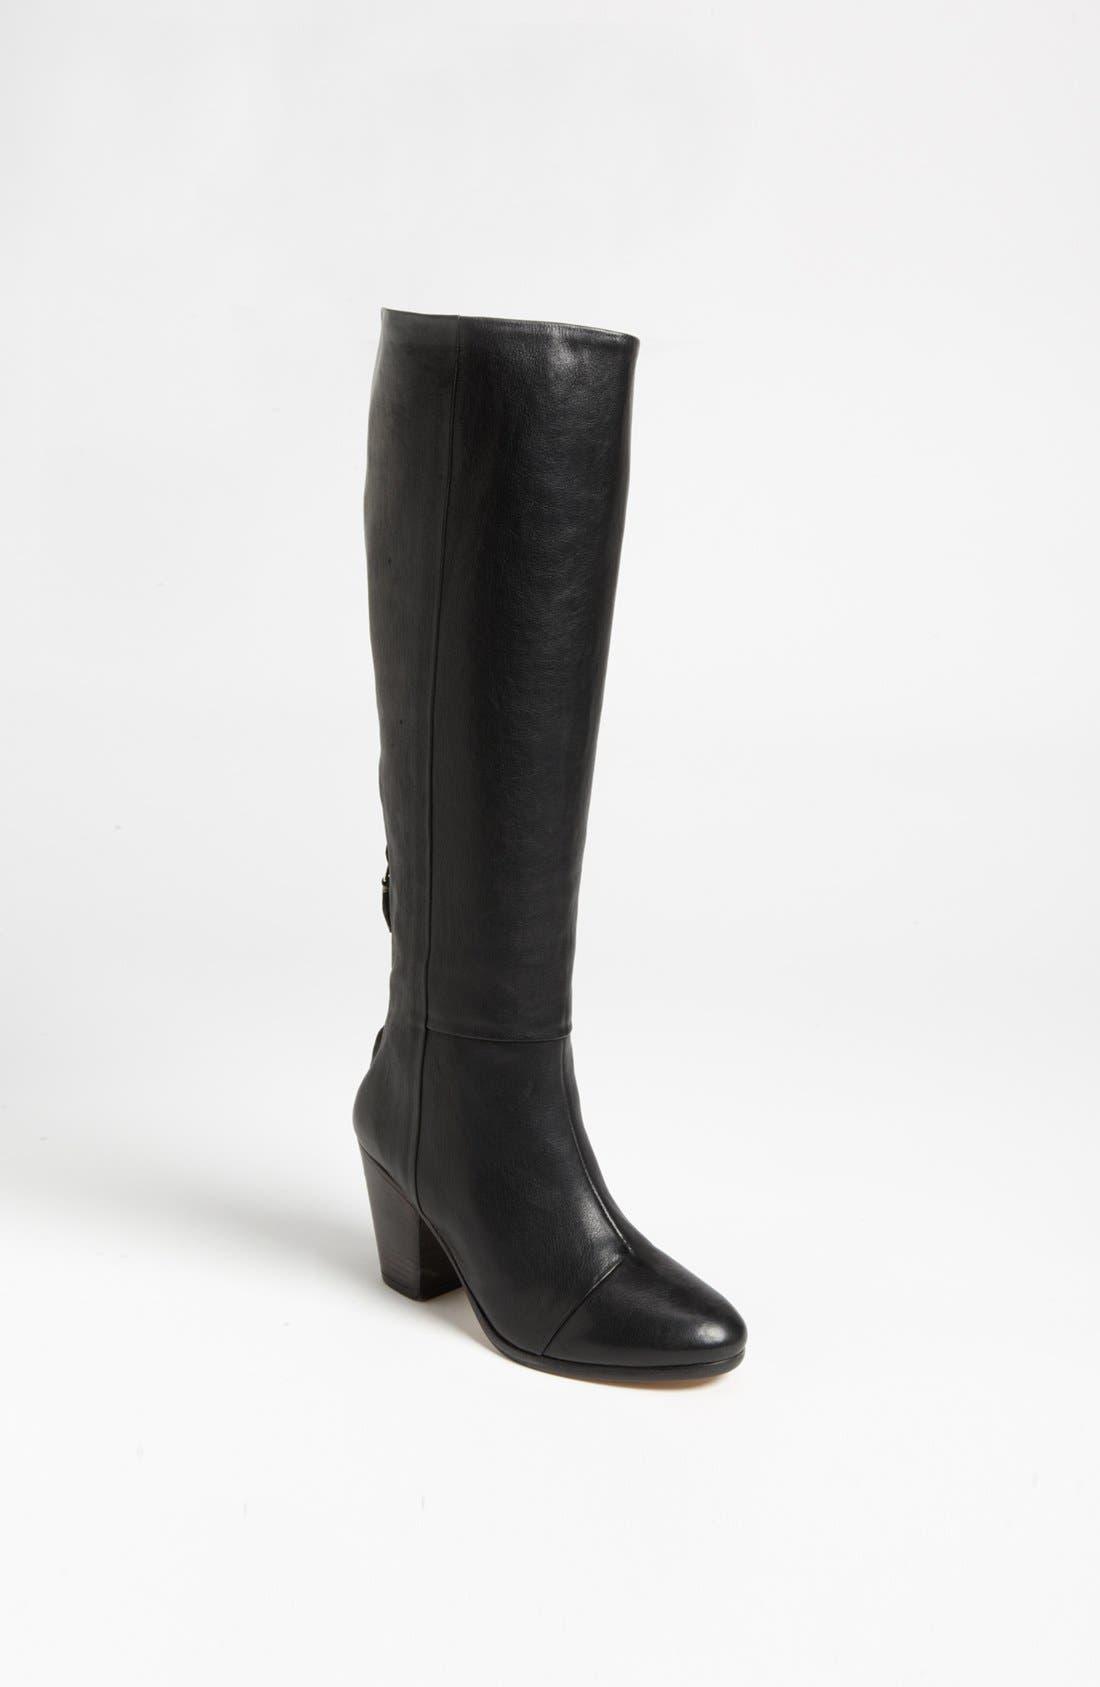 Alternate Image 1 Selected - rag & bone 'Newbury' High Boot